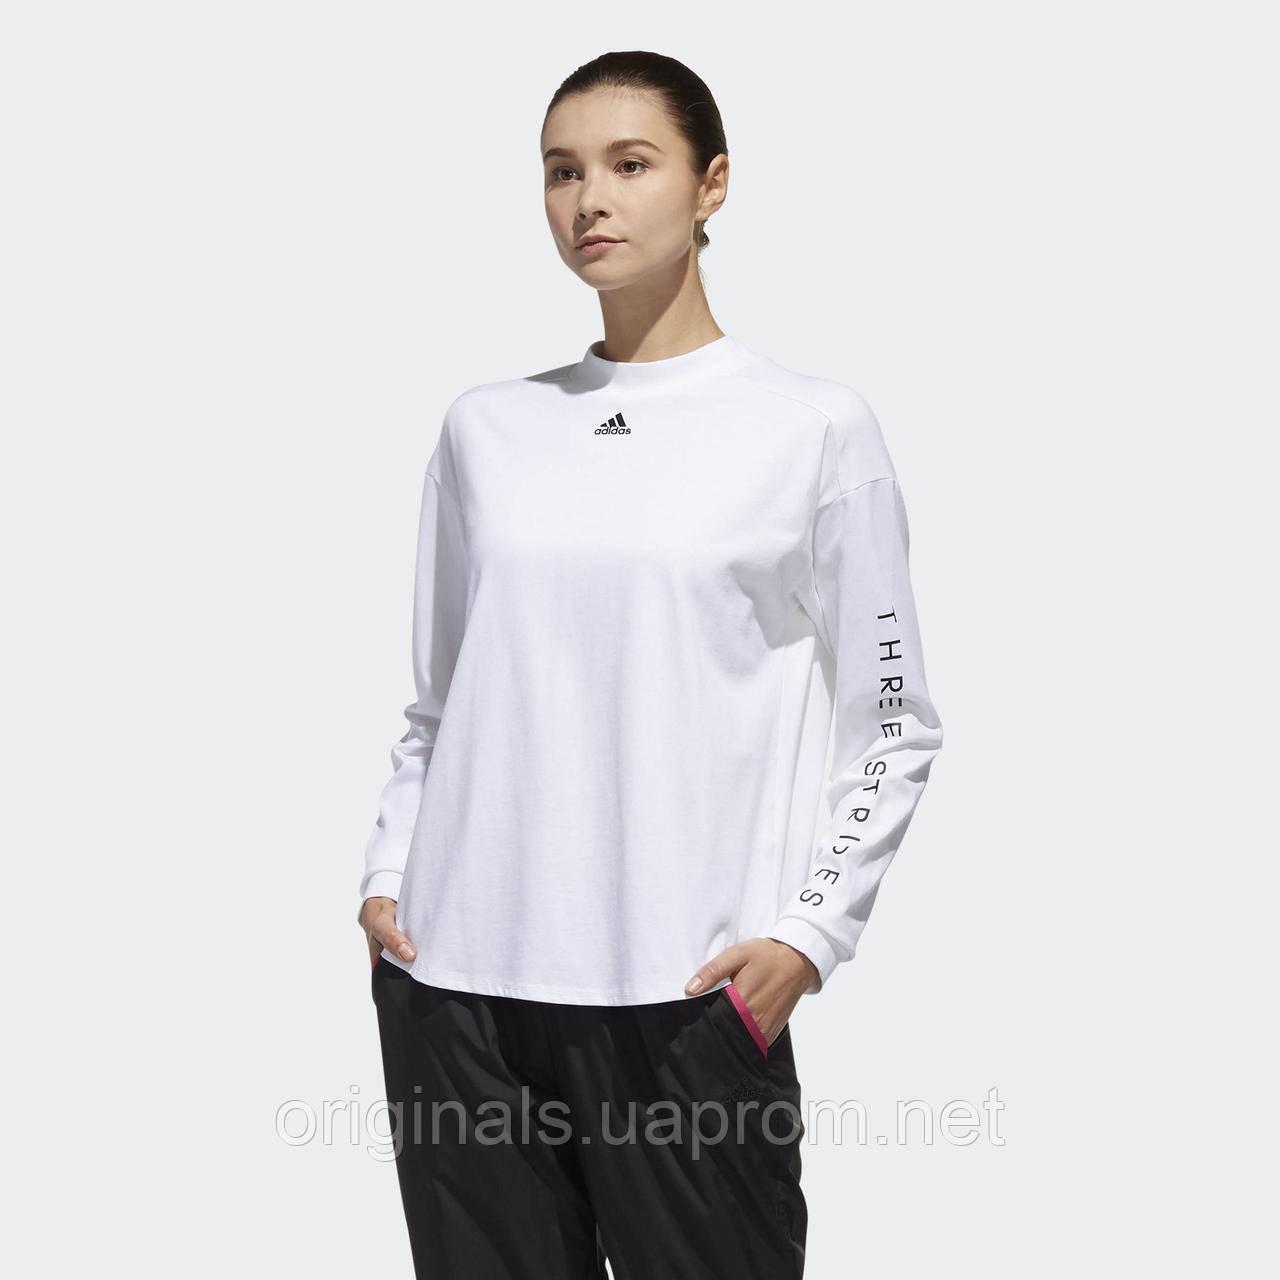 Белый лонгслив Adidas Sport 2 Street W DV0746